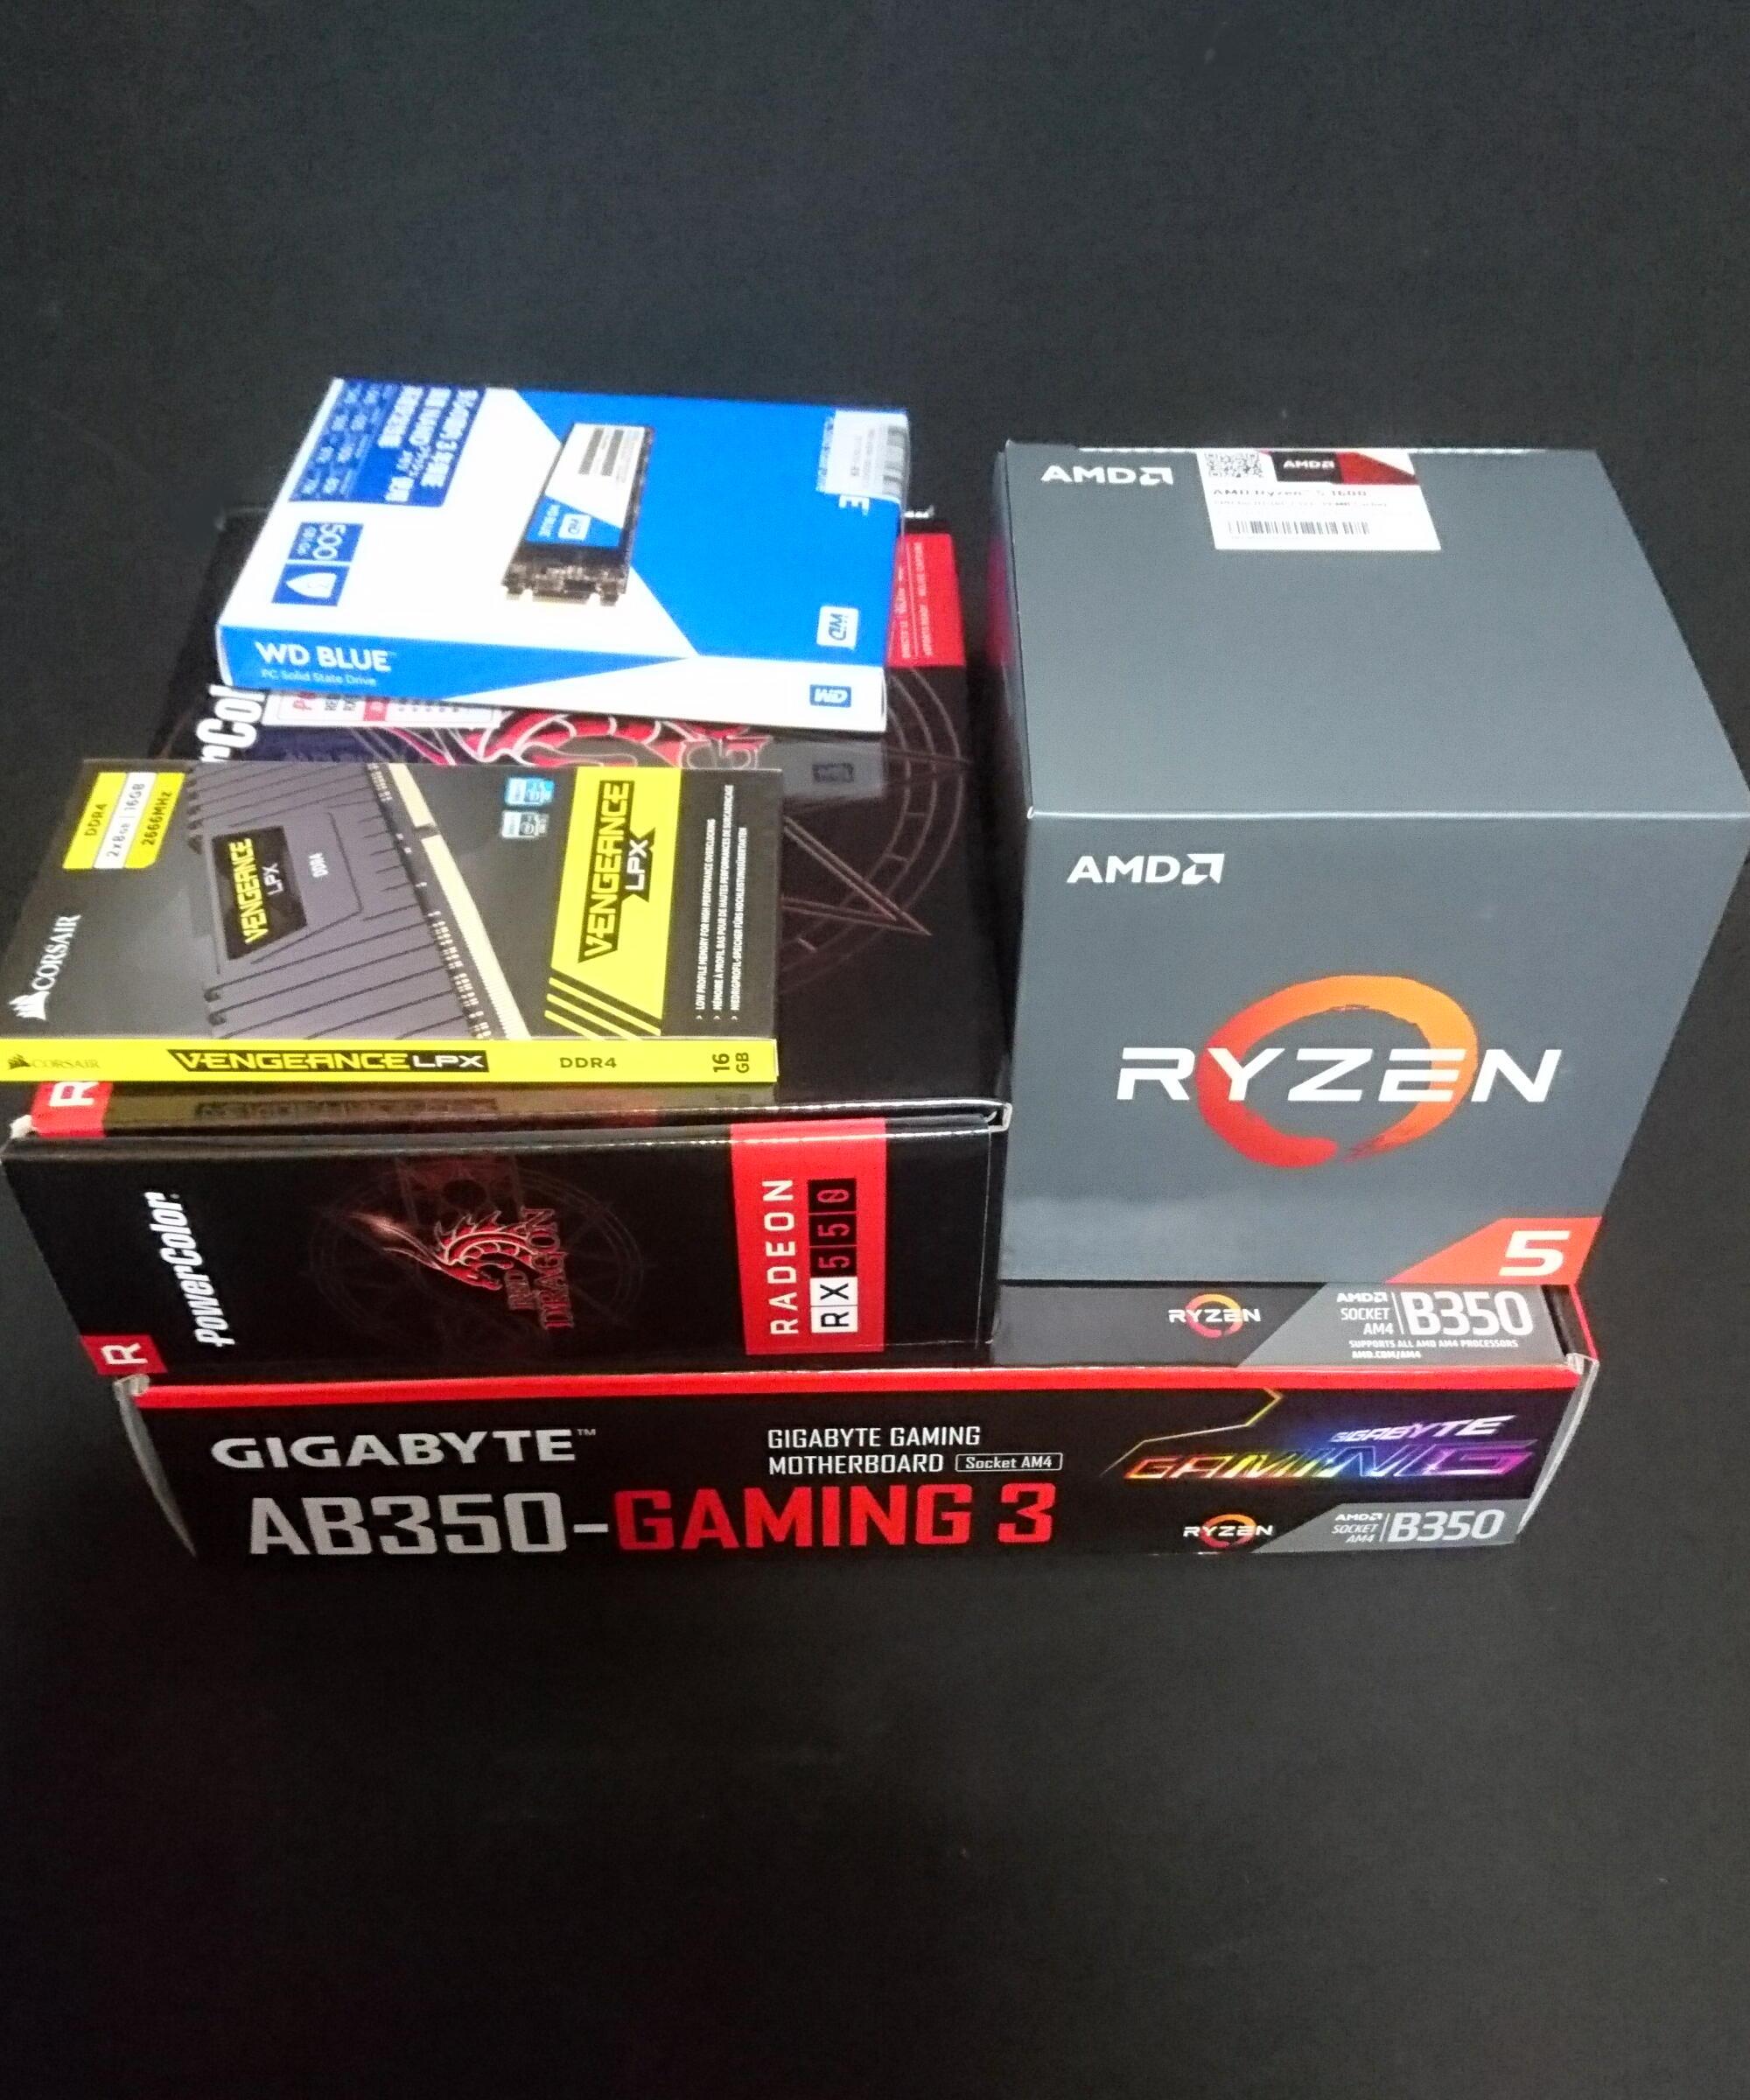 Ryzen 5でパソコンを作ろう  パーツ選び 3